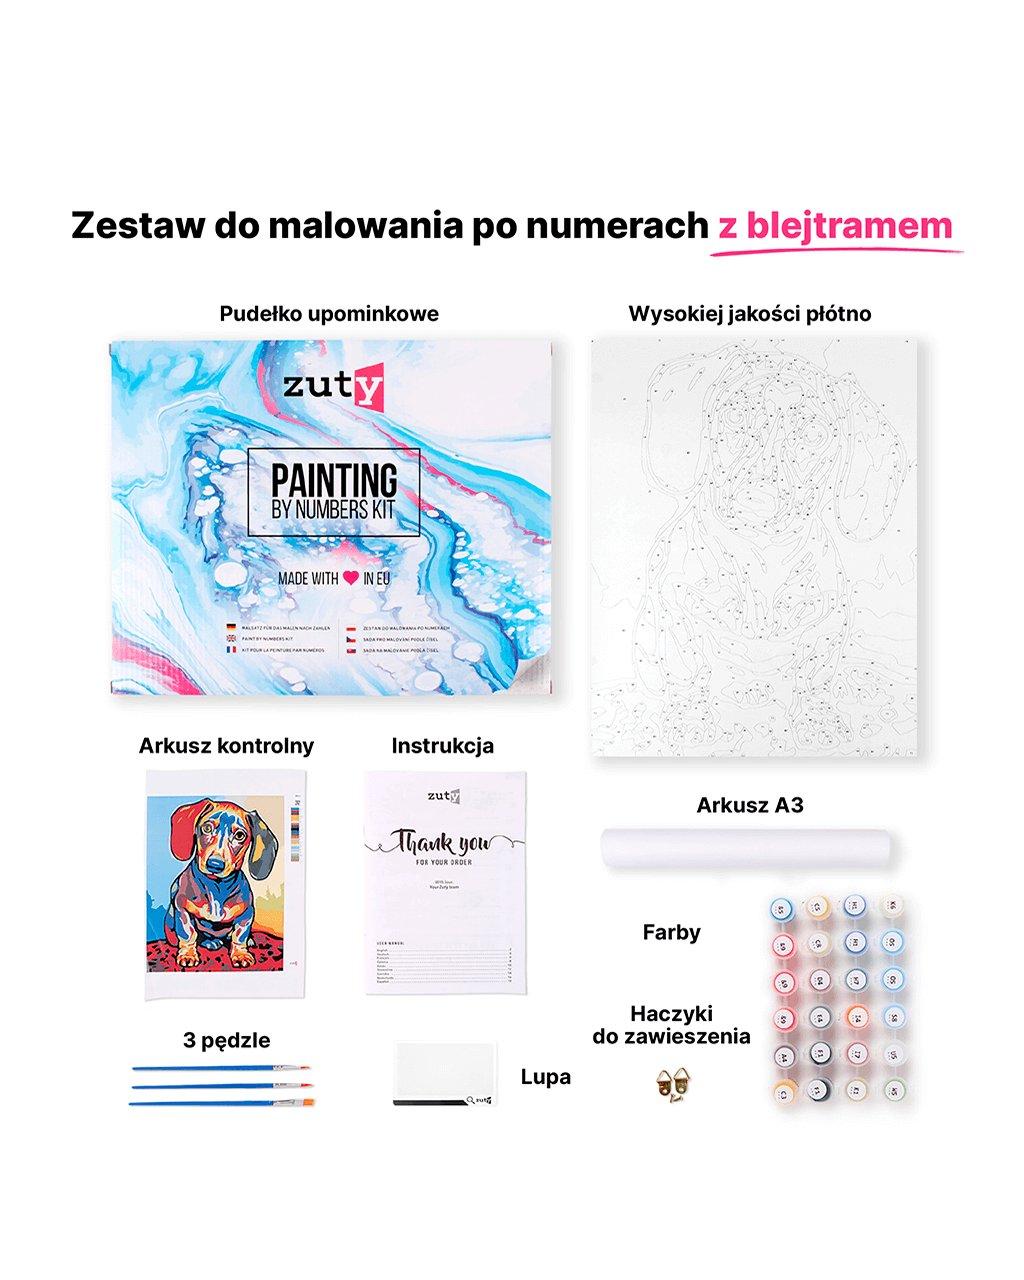 Malowanie po numerach – Malowany pies